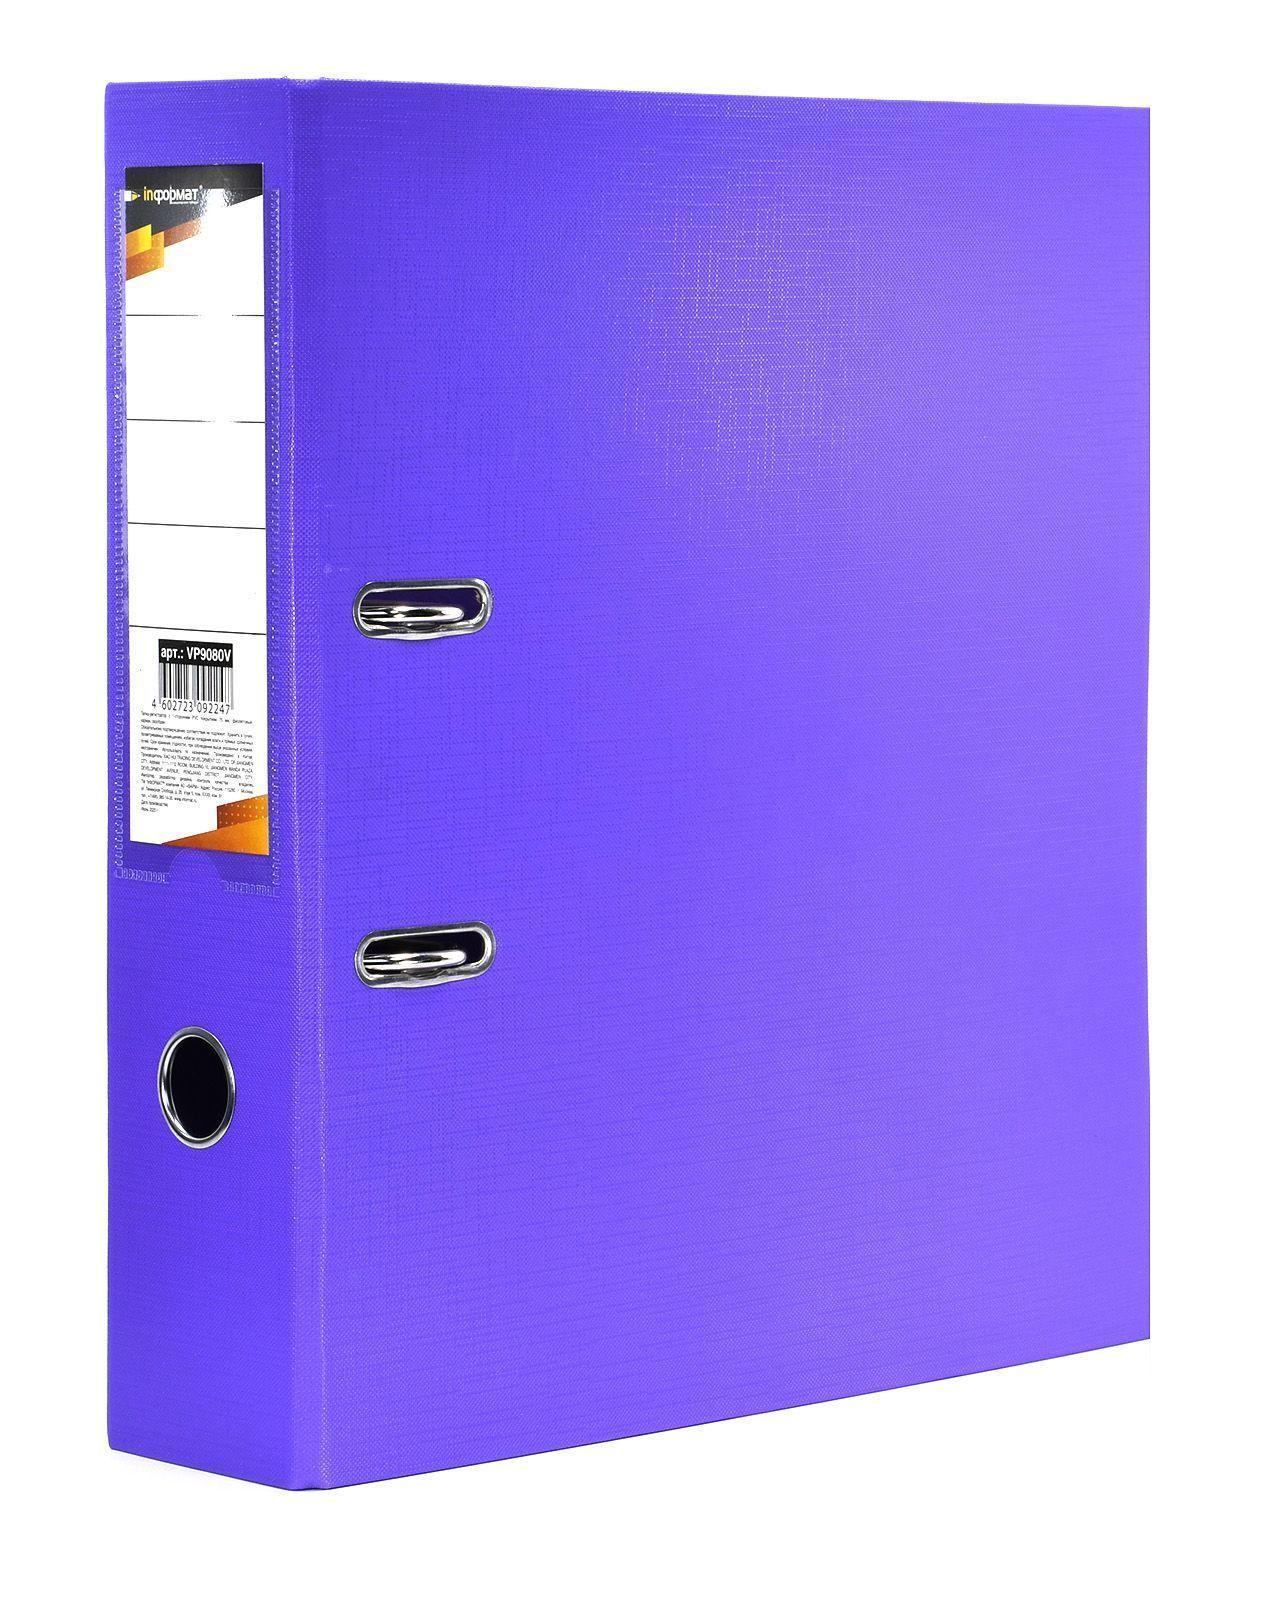 Папка-регистратор INFORMAT 75 мм одностороннее покрытие PVC, фиолетовая